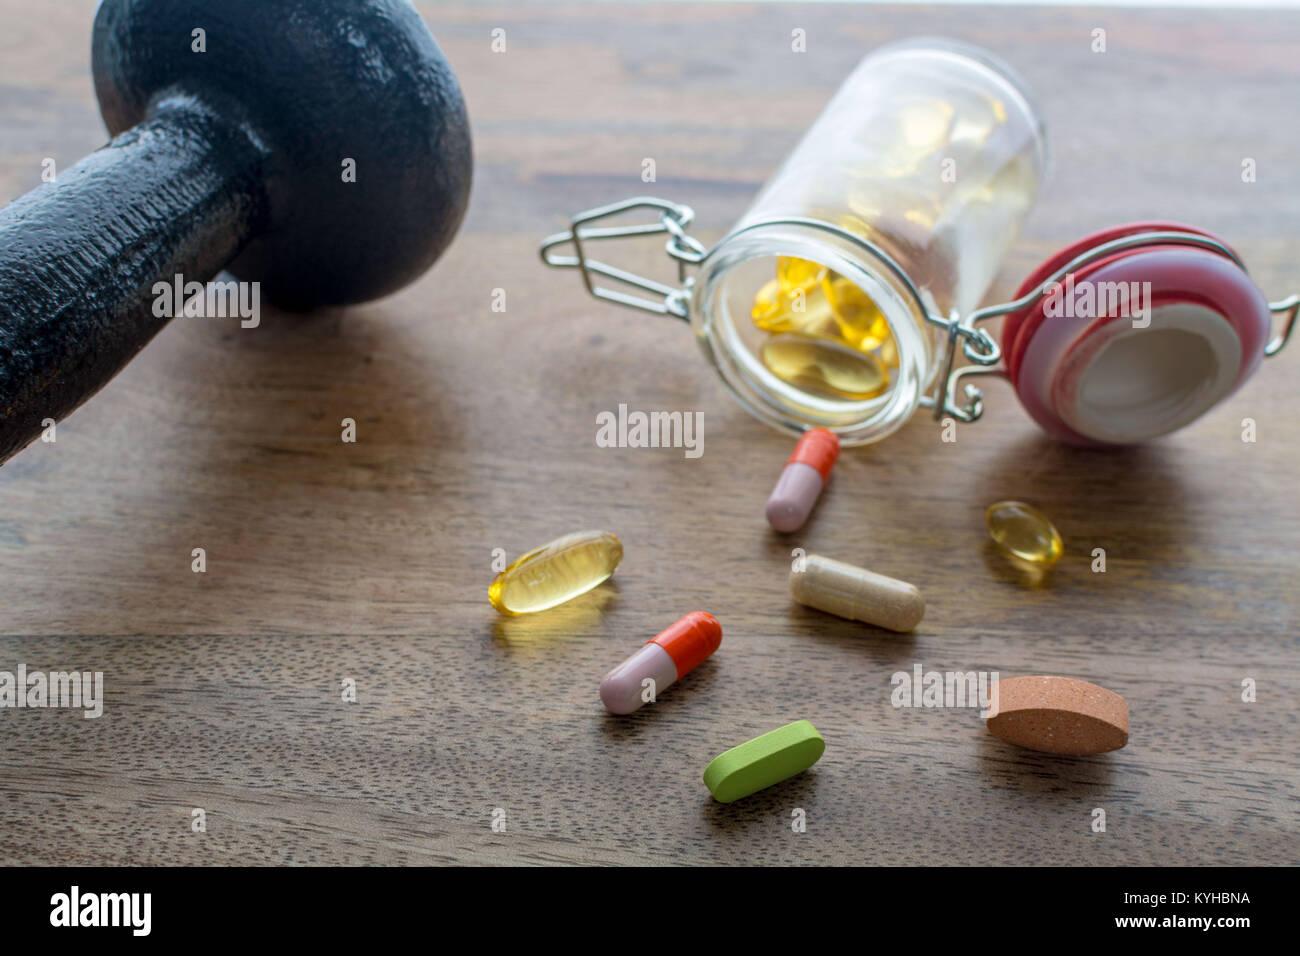 Gros plan sur haltère et compléments alimentaires sur table en bois: perte de poids et de remise Photo Stock